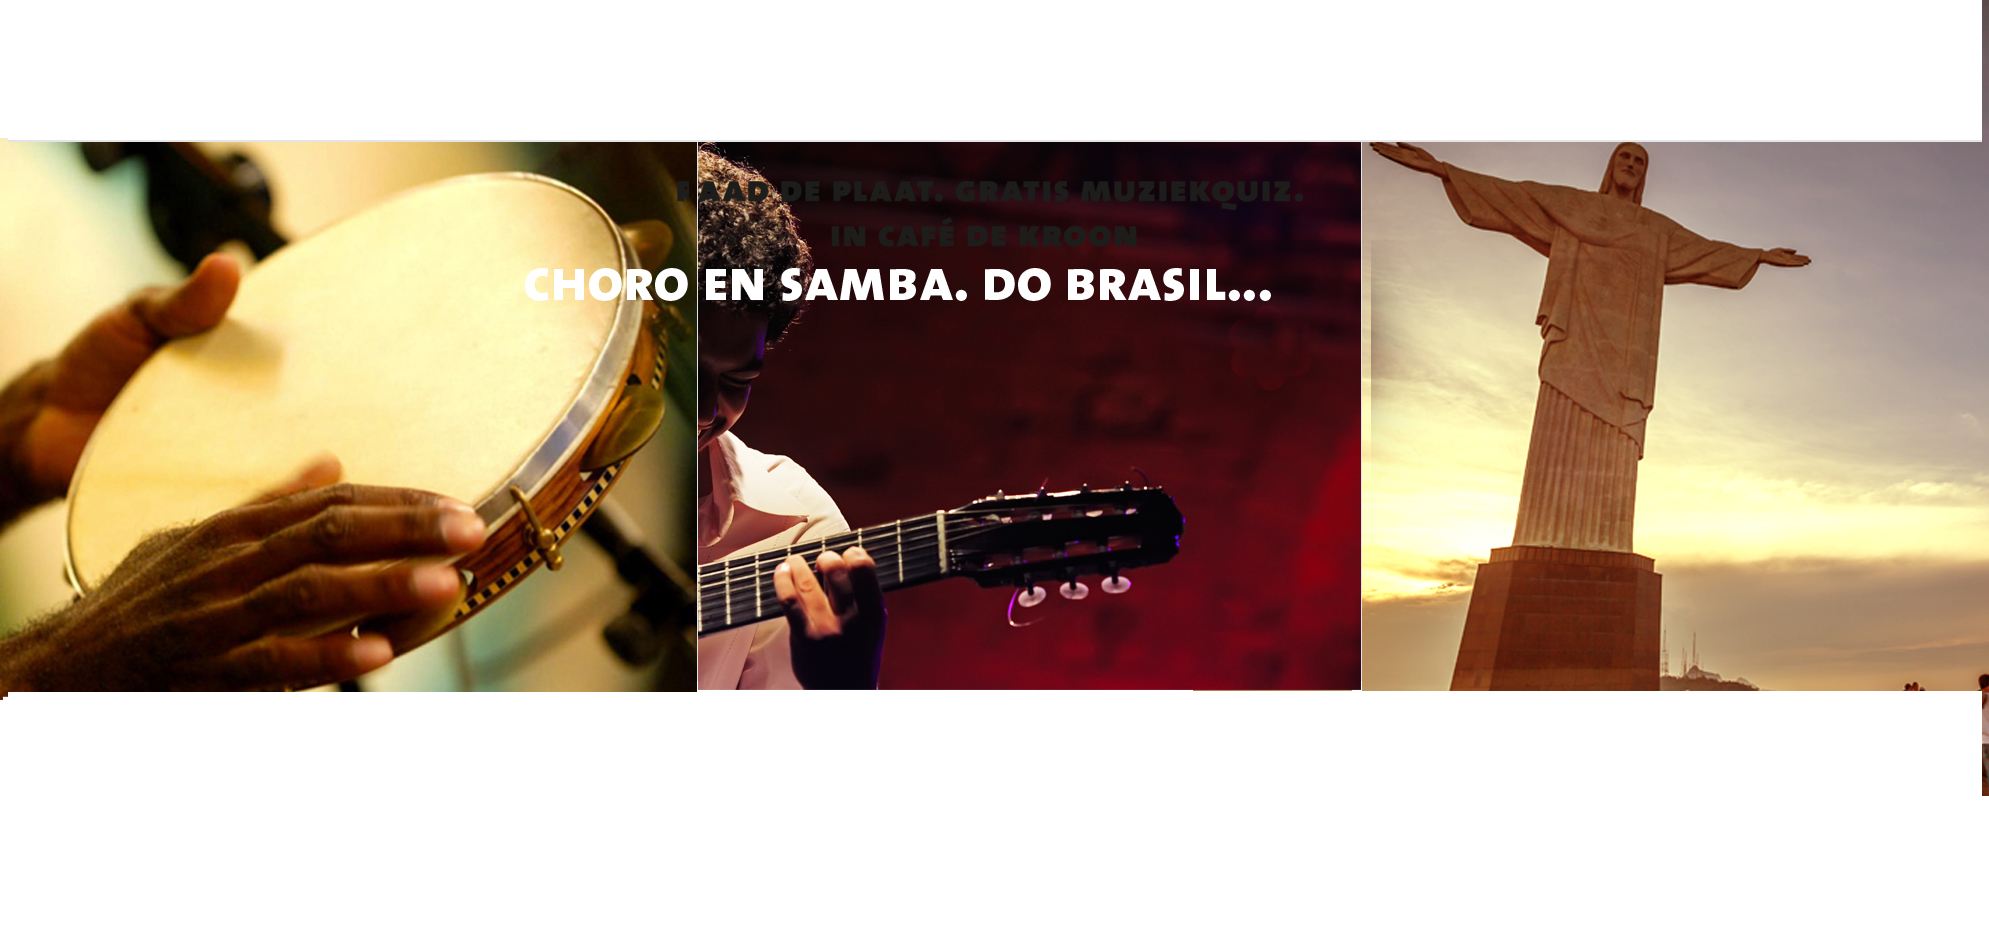 Brasil slide de kroon